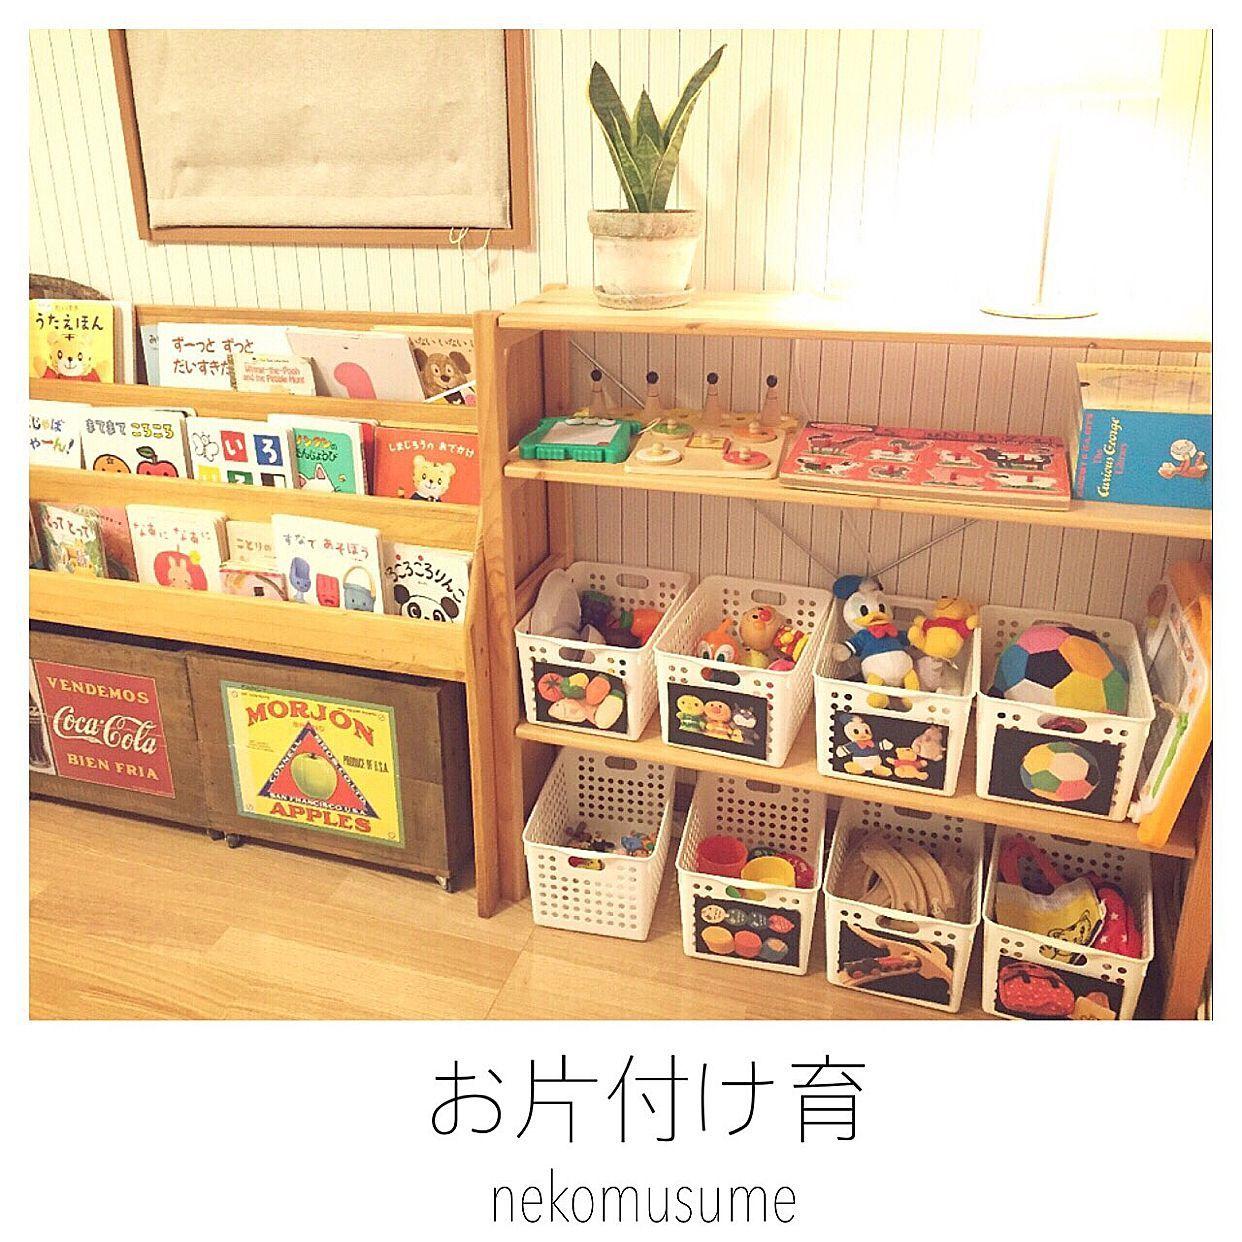 お片付け育/おかたづけ育/おもちゃ収納/ダイソー/絵本棚DIY